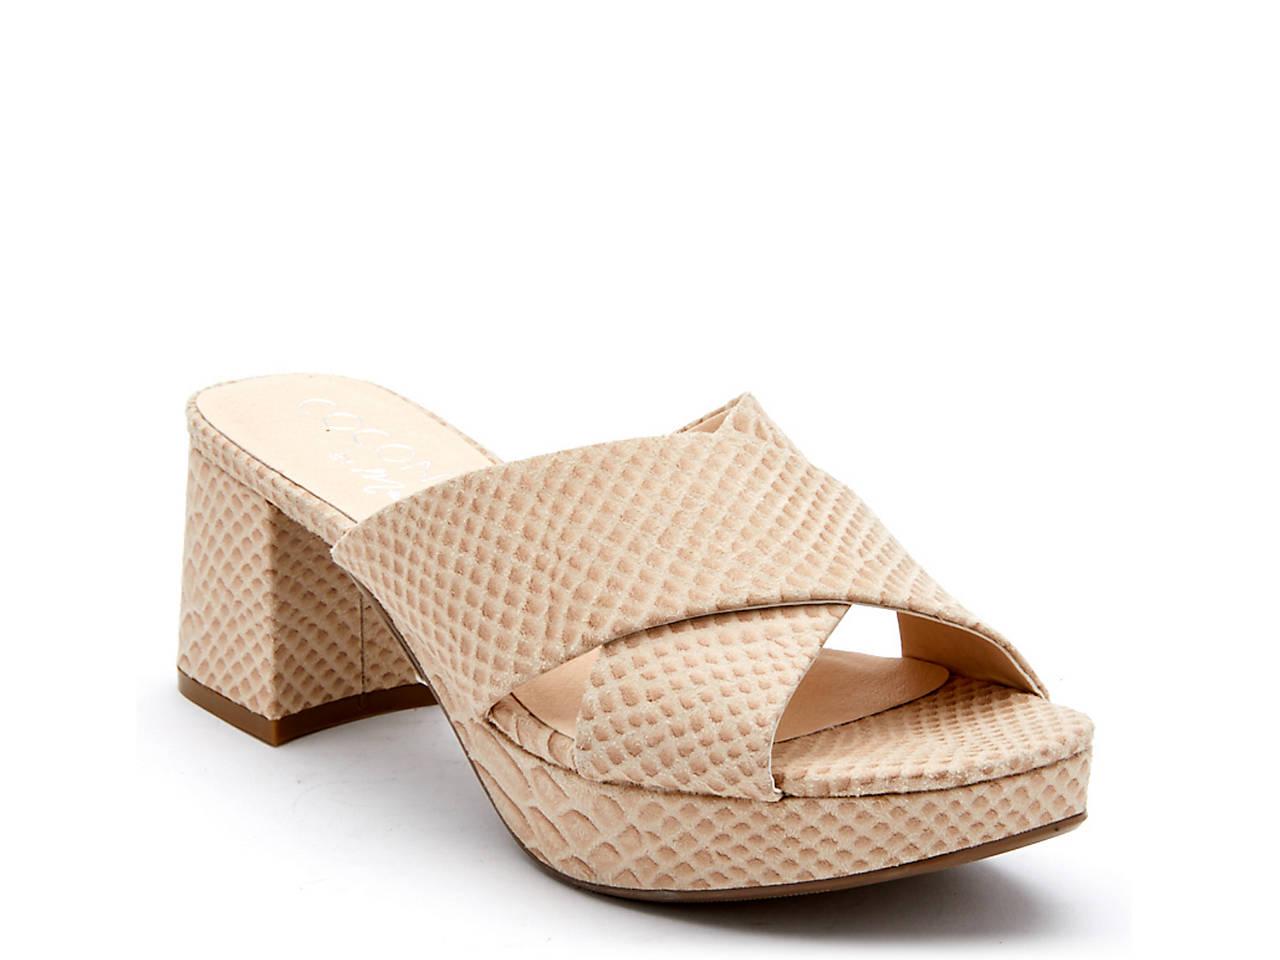 bab6cc9845d3 Coconuts Cleo Platform Sandal Women s Shoes